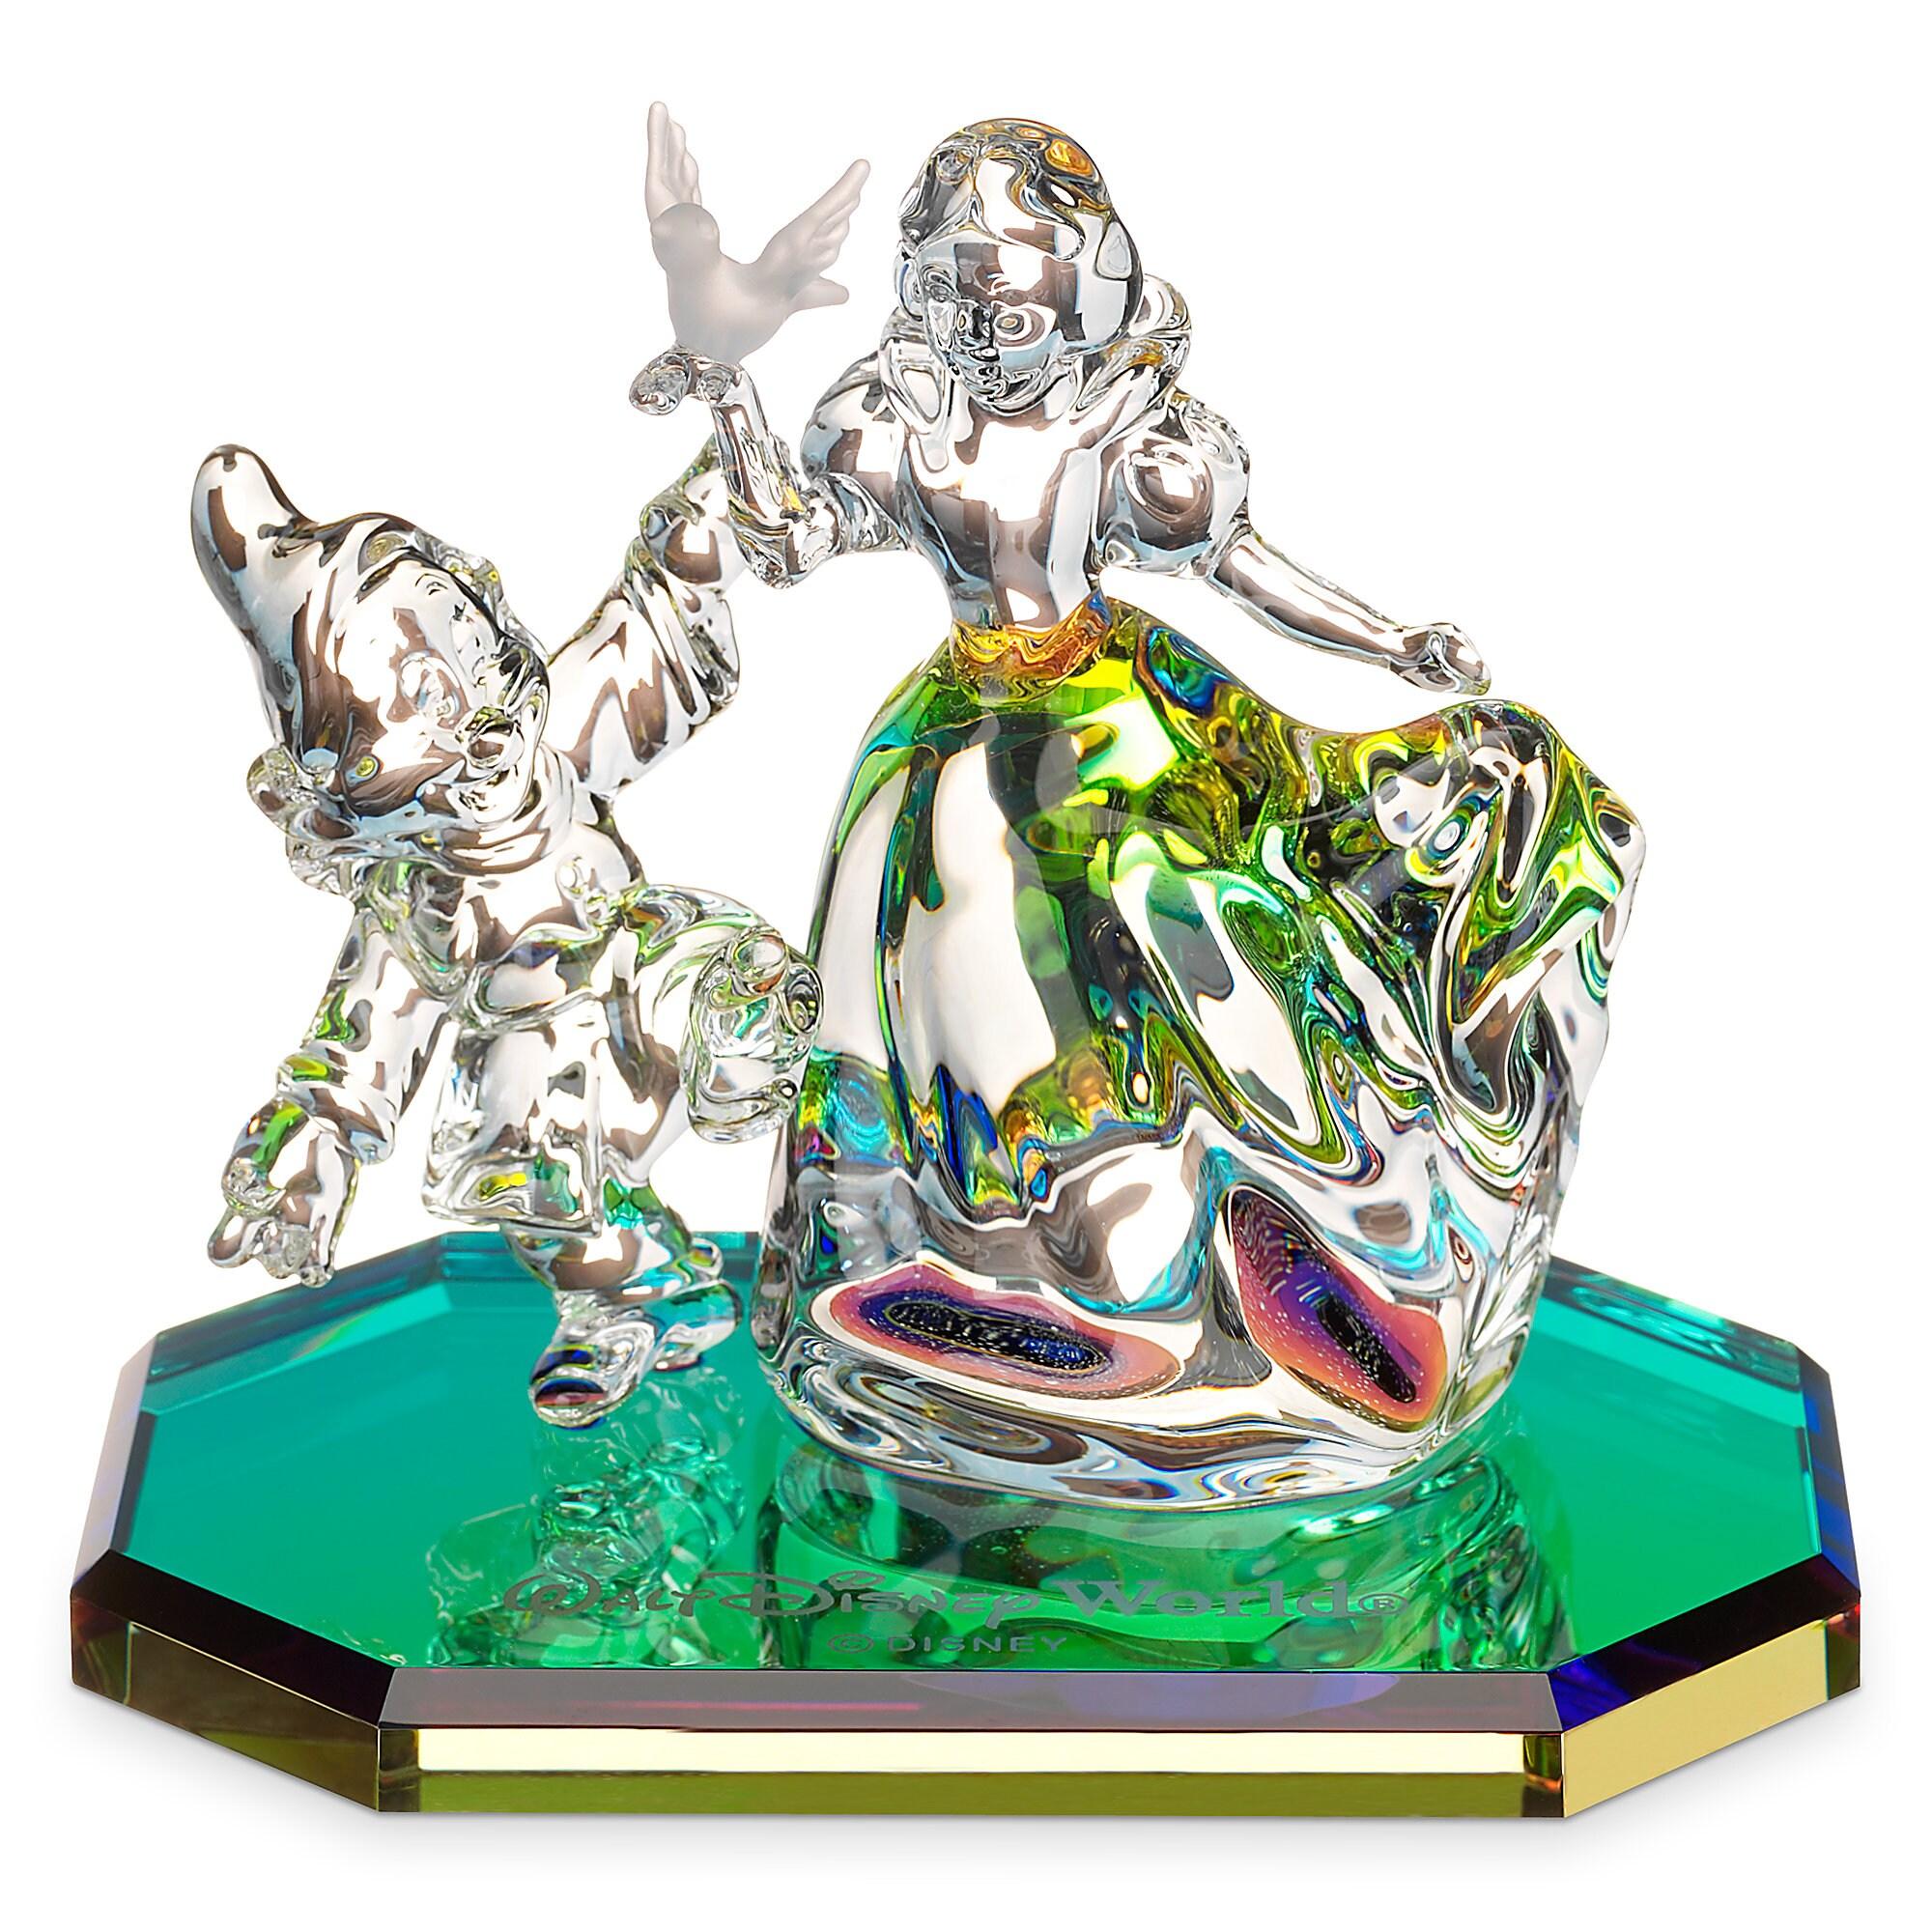 Snow White and Dopey Figurine by Arribas - Walt Disney World